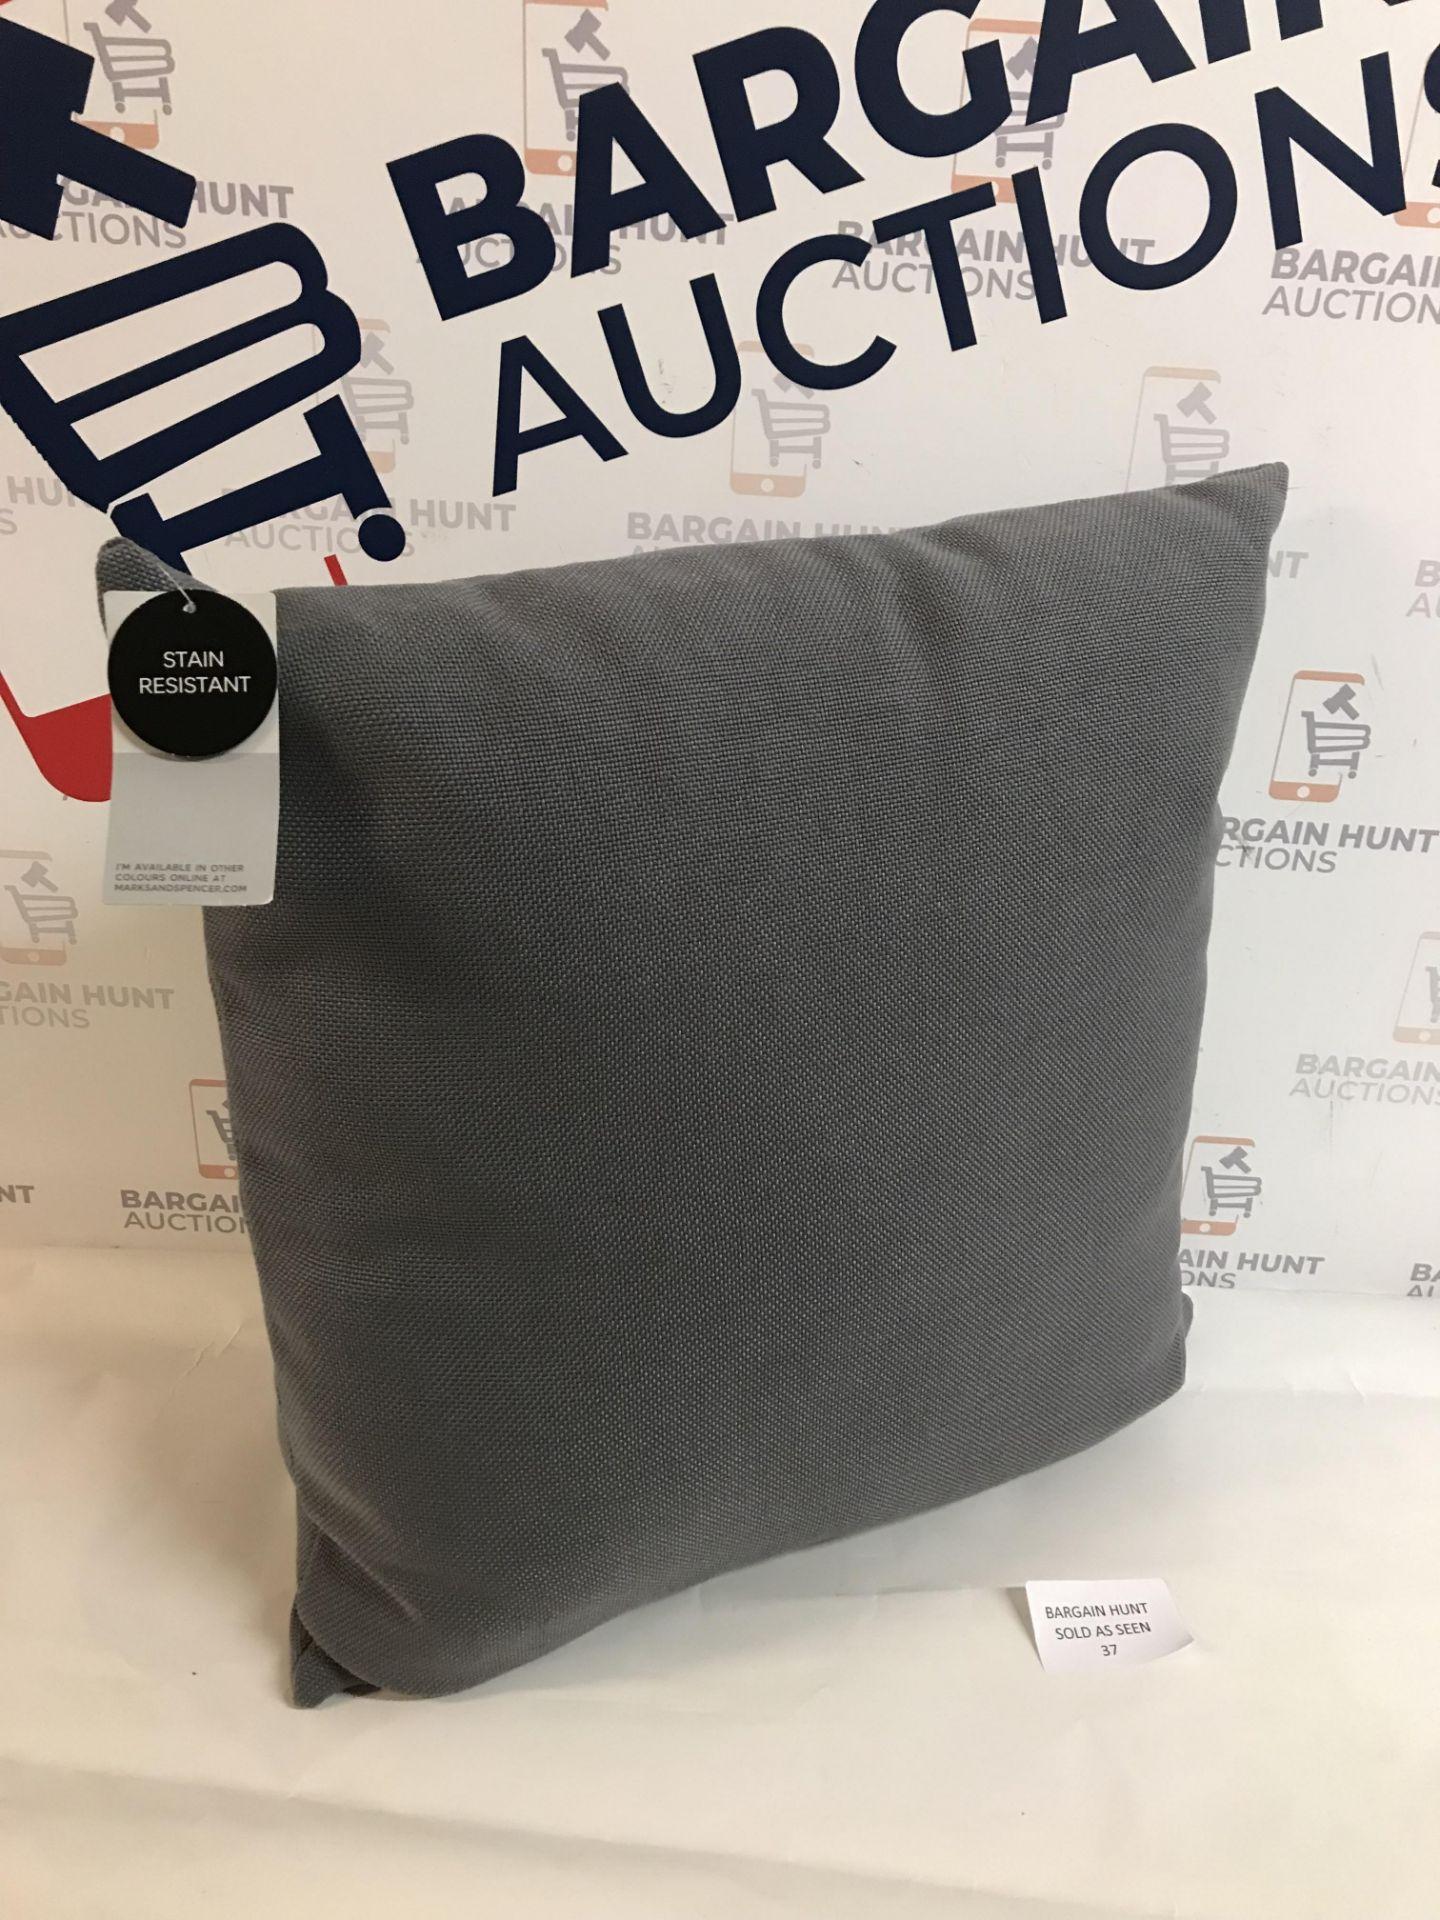 Lot 37 - Banbury Cushion